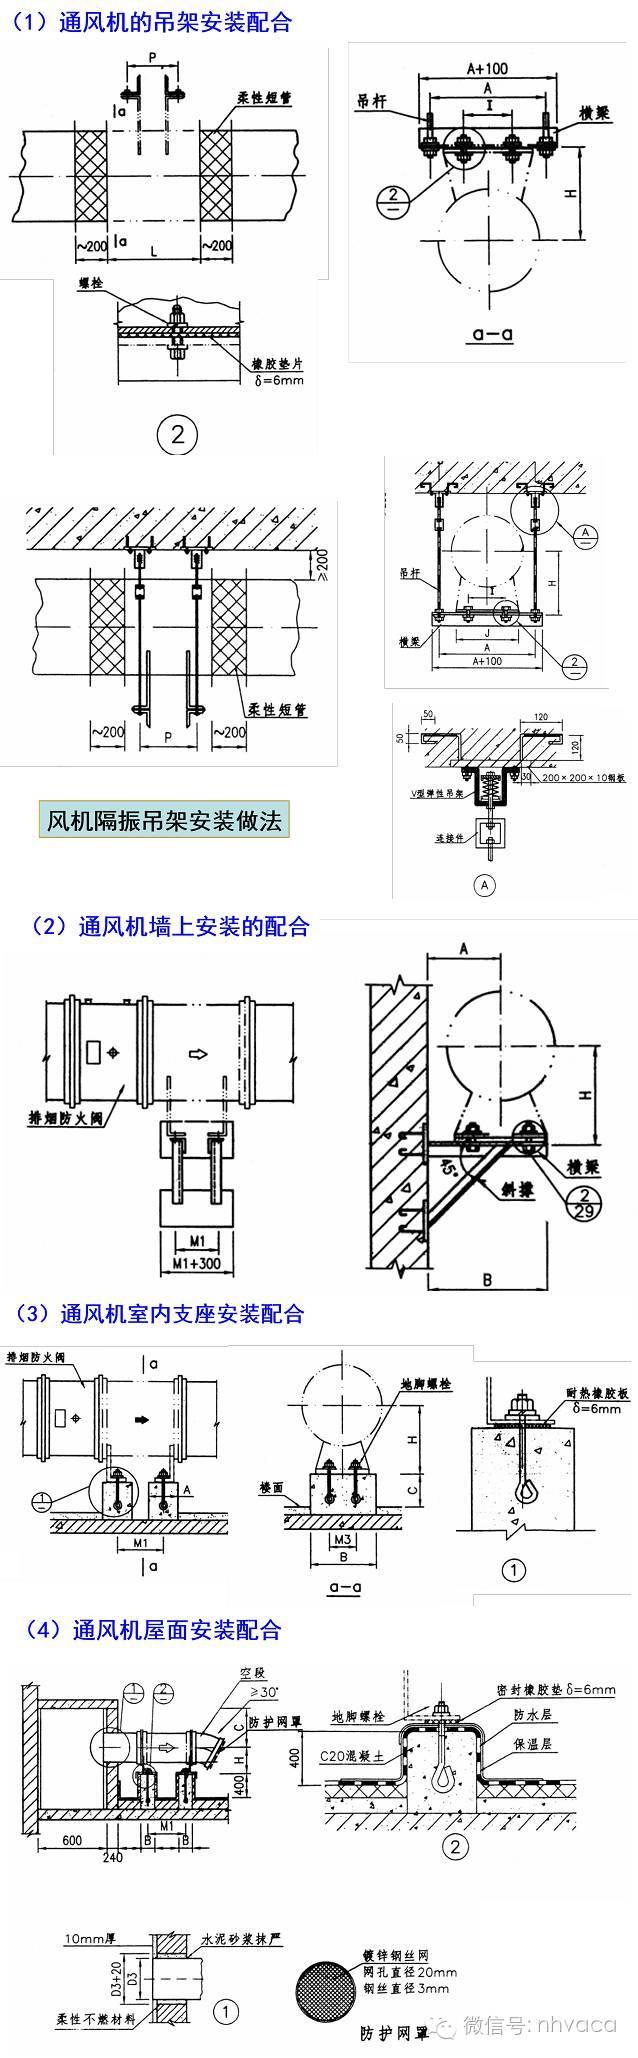 土建施工与建筑通风系统安装配合